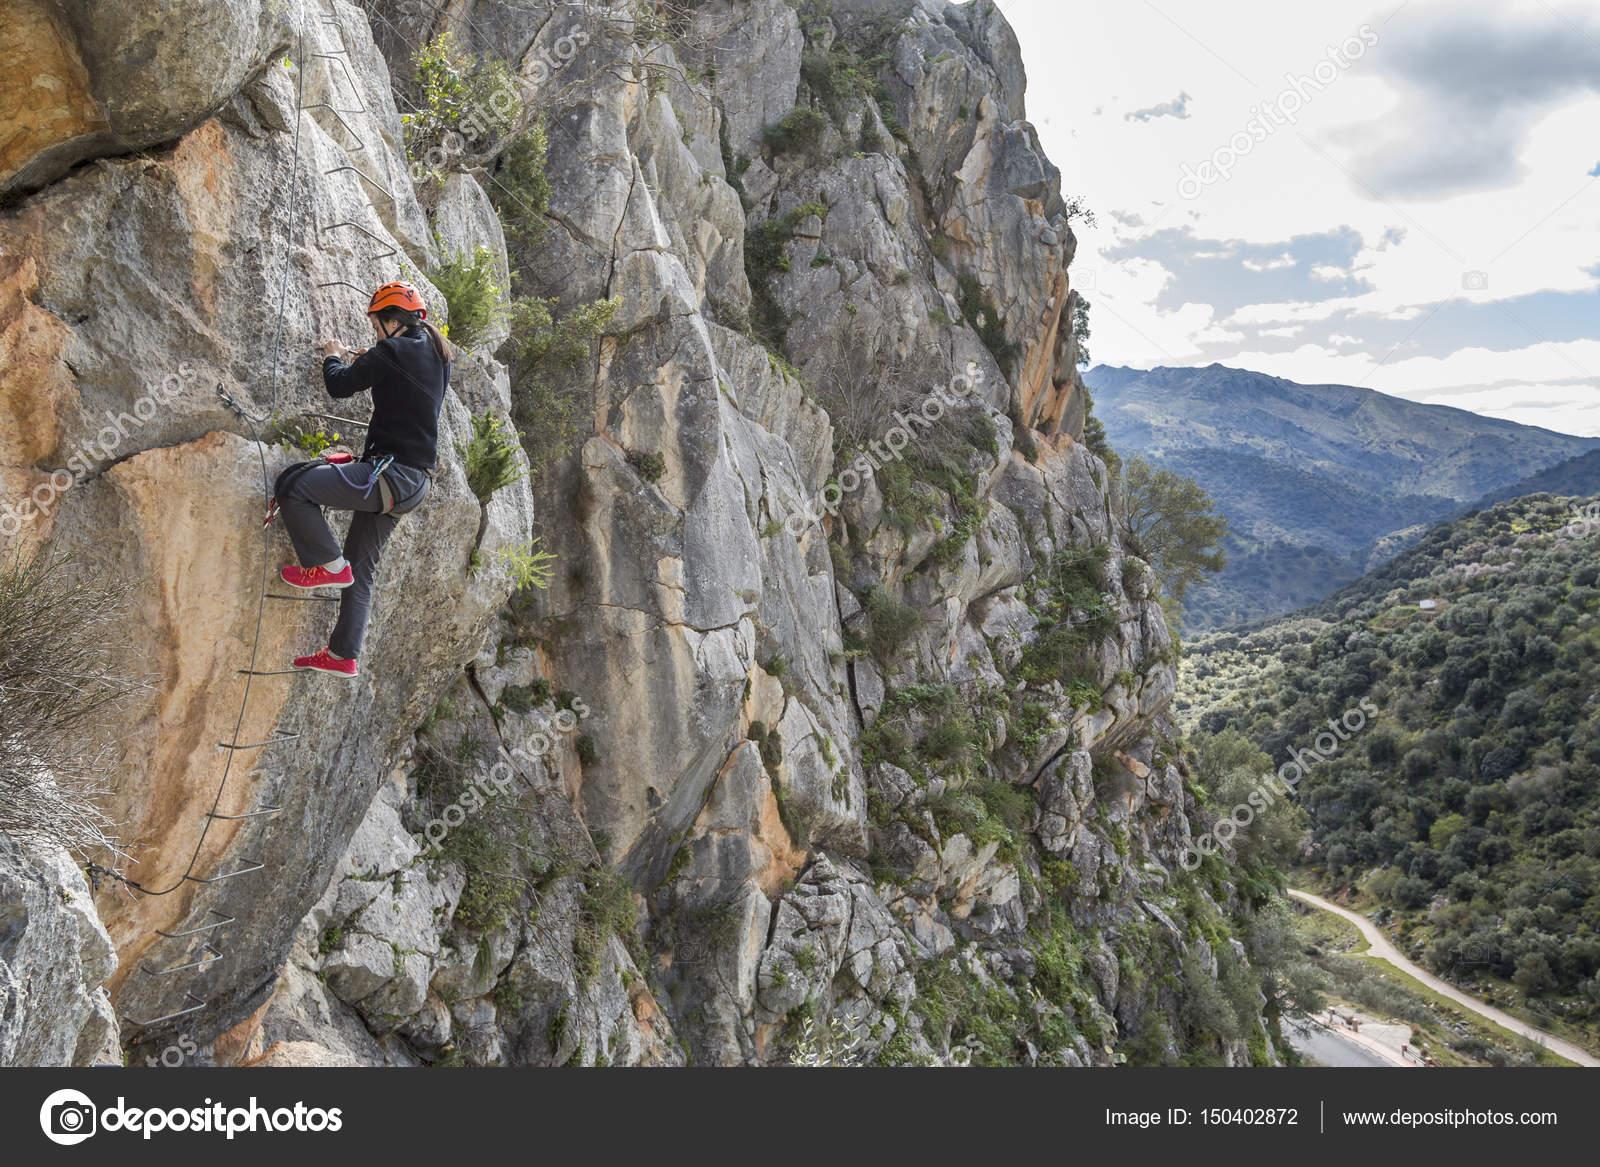 Klettersteig Usa : Frau klettern ein klettersteig u2014 stockfoto © aitormmfoto #150402872